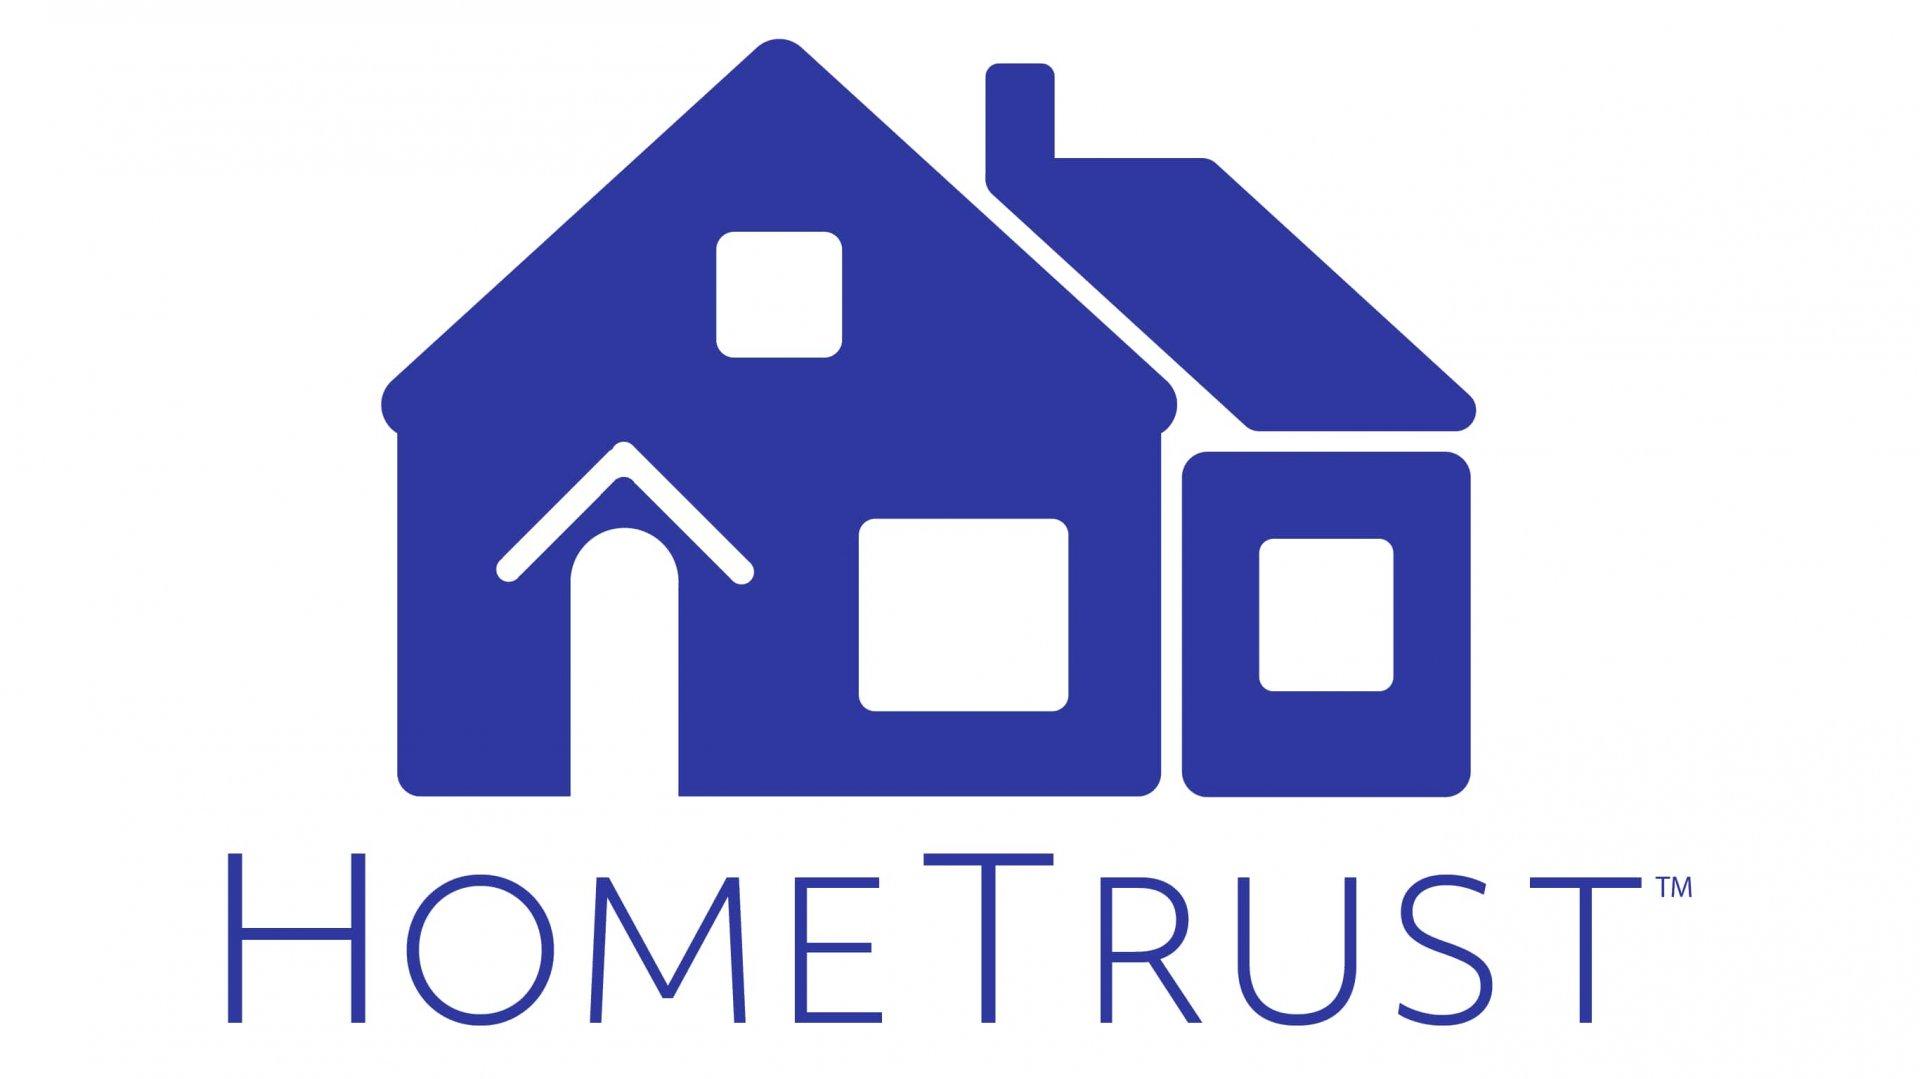 HomeTrust LLC